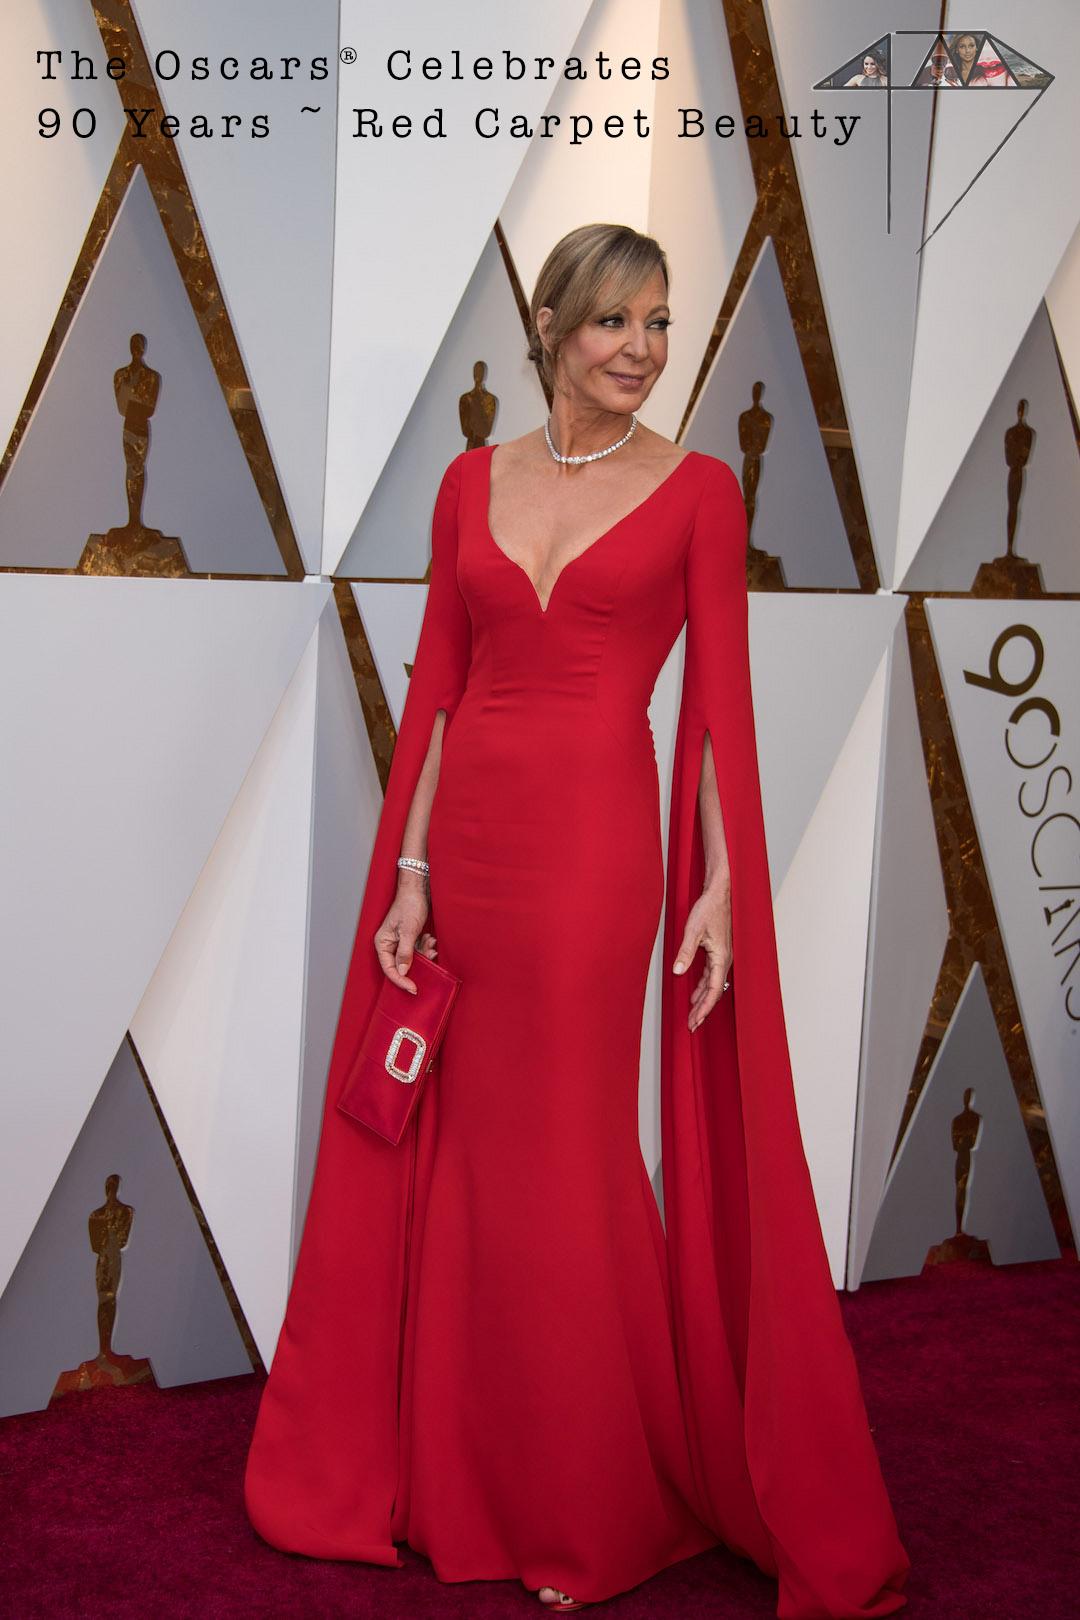 90th Oscars®, Academy Awards, Arrivals